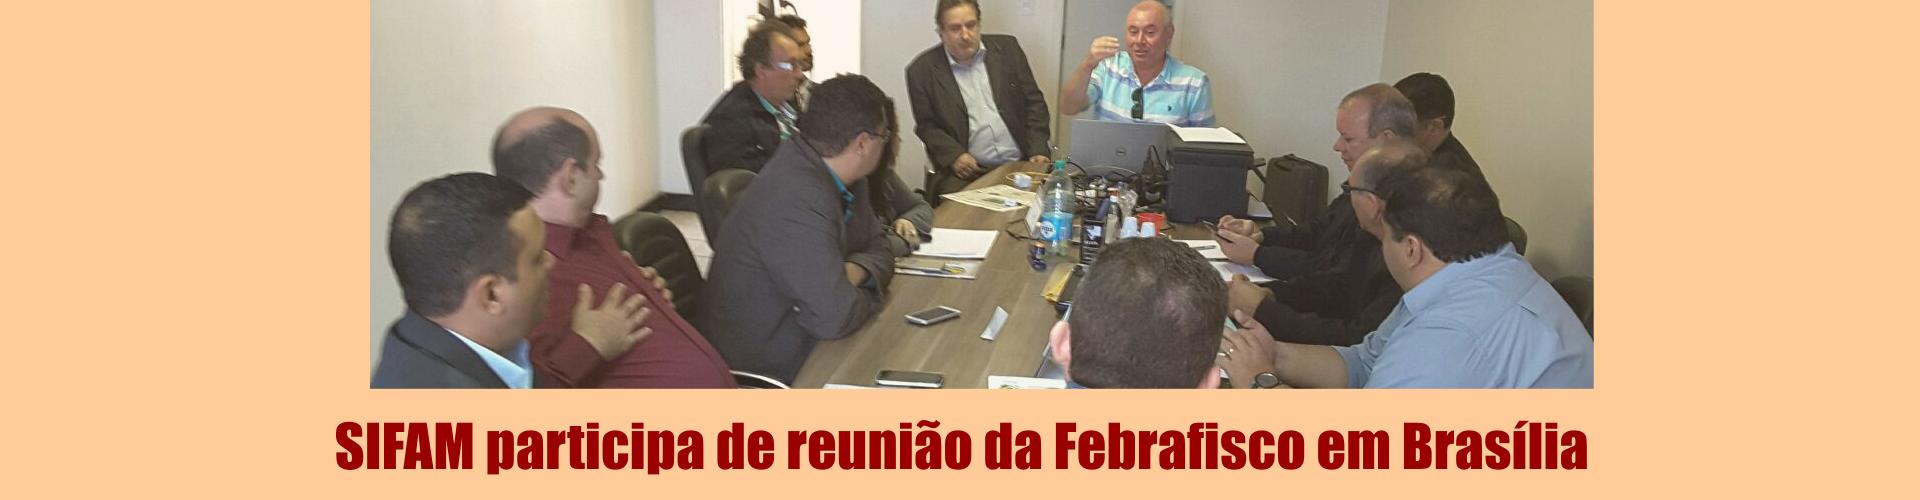 SIFAM participa de reunião da Febrafisco em Brasília